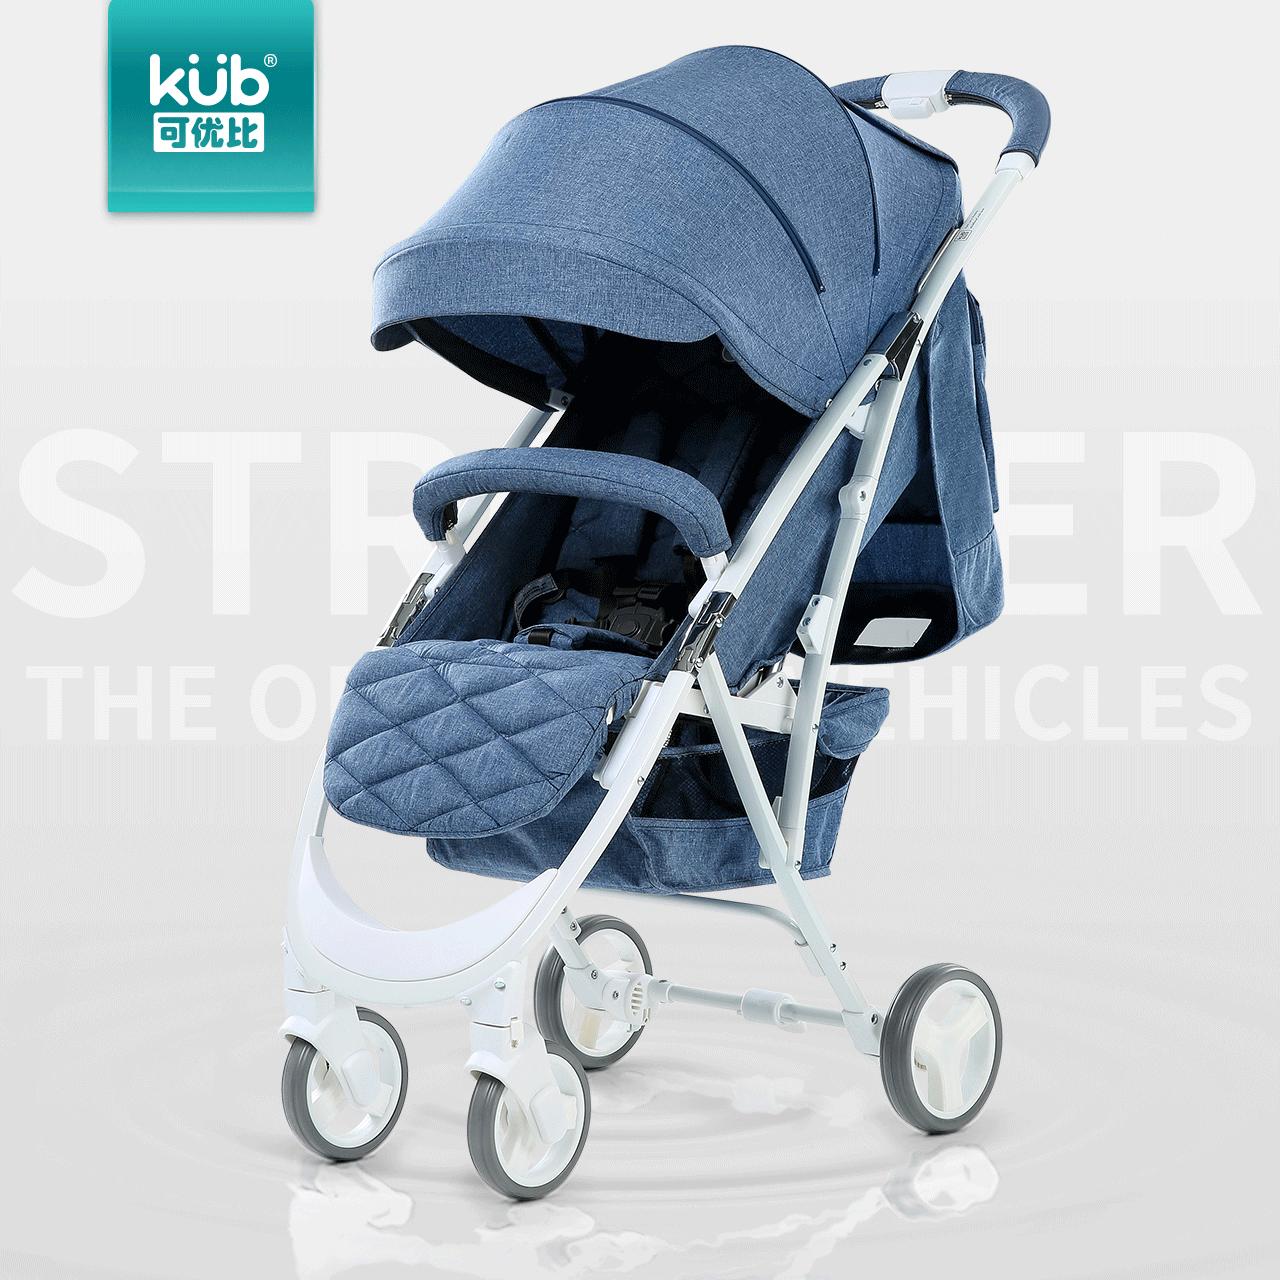 Может быть отличным соотношение ребенок тележки легкий высокий пейзаж детские руки тележки может сидеть можно лечь ключ сложить ребенок зонт автомобиль